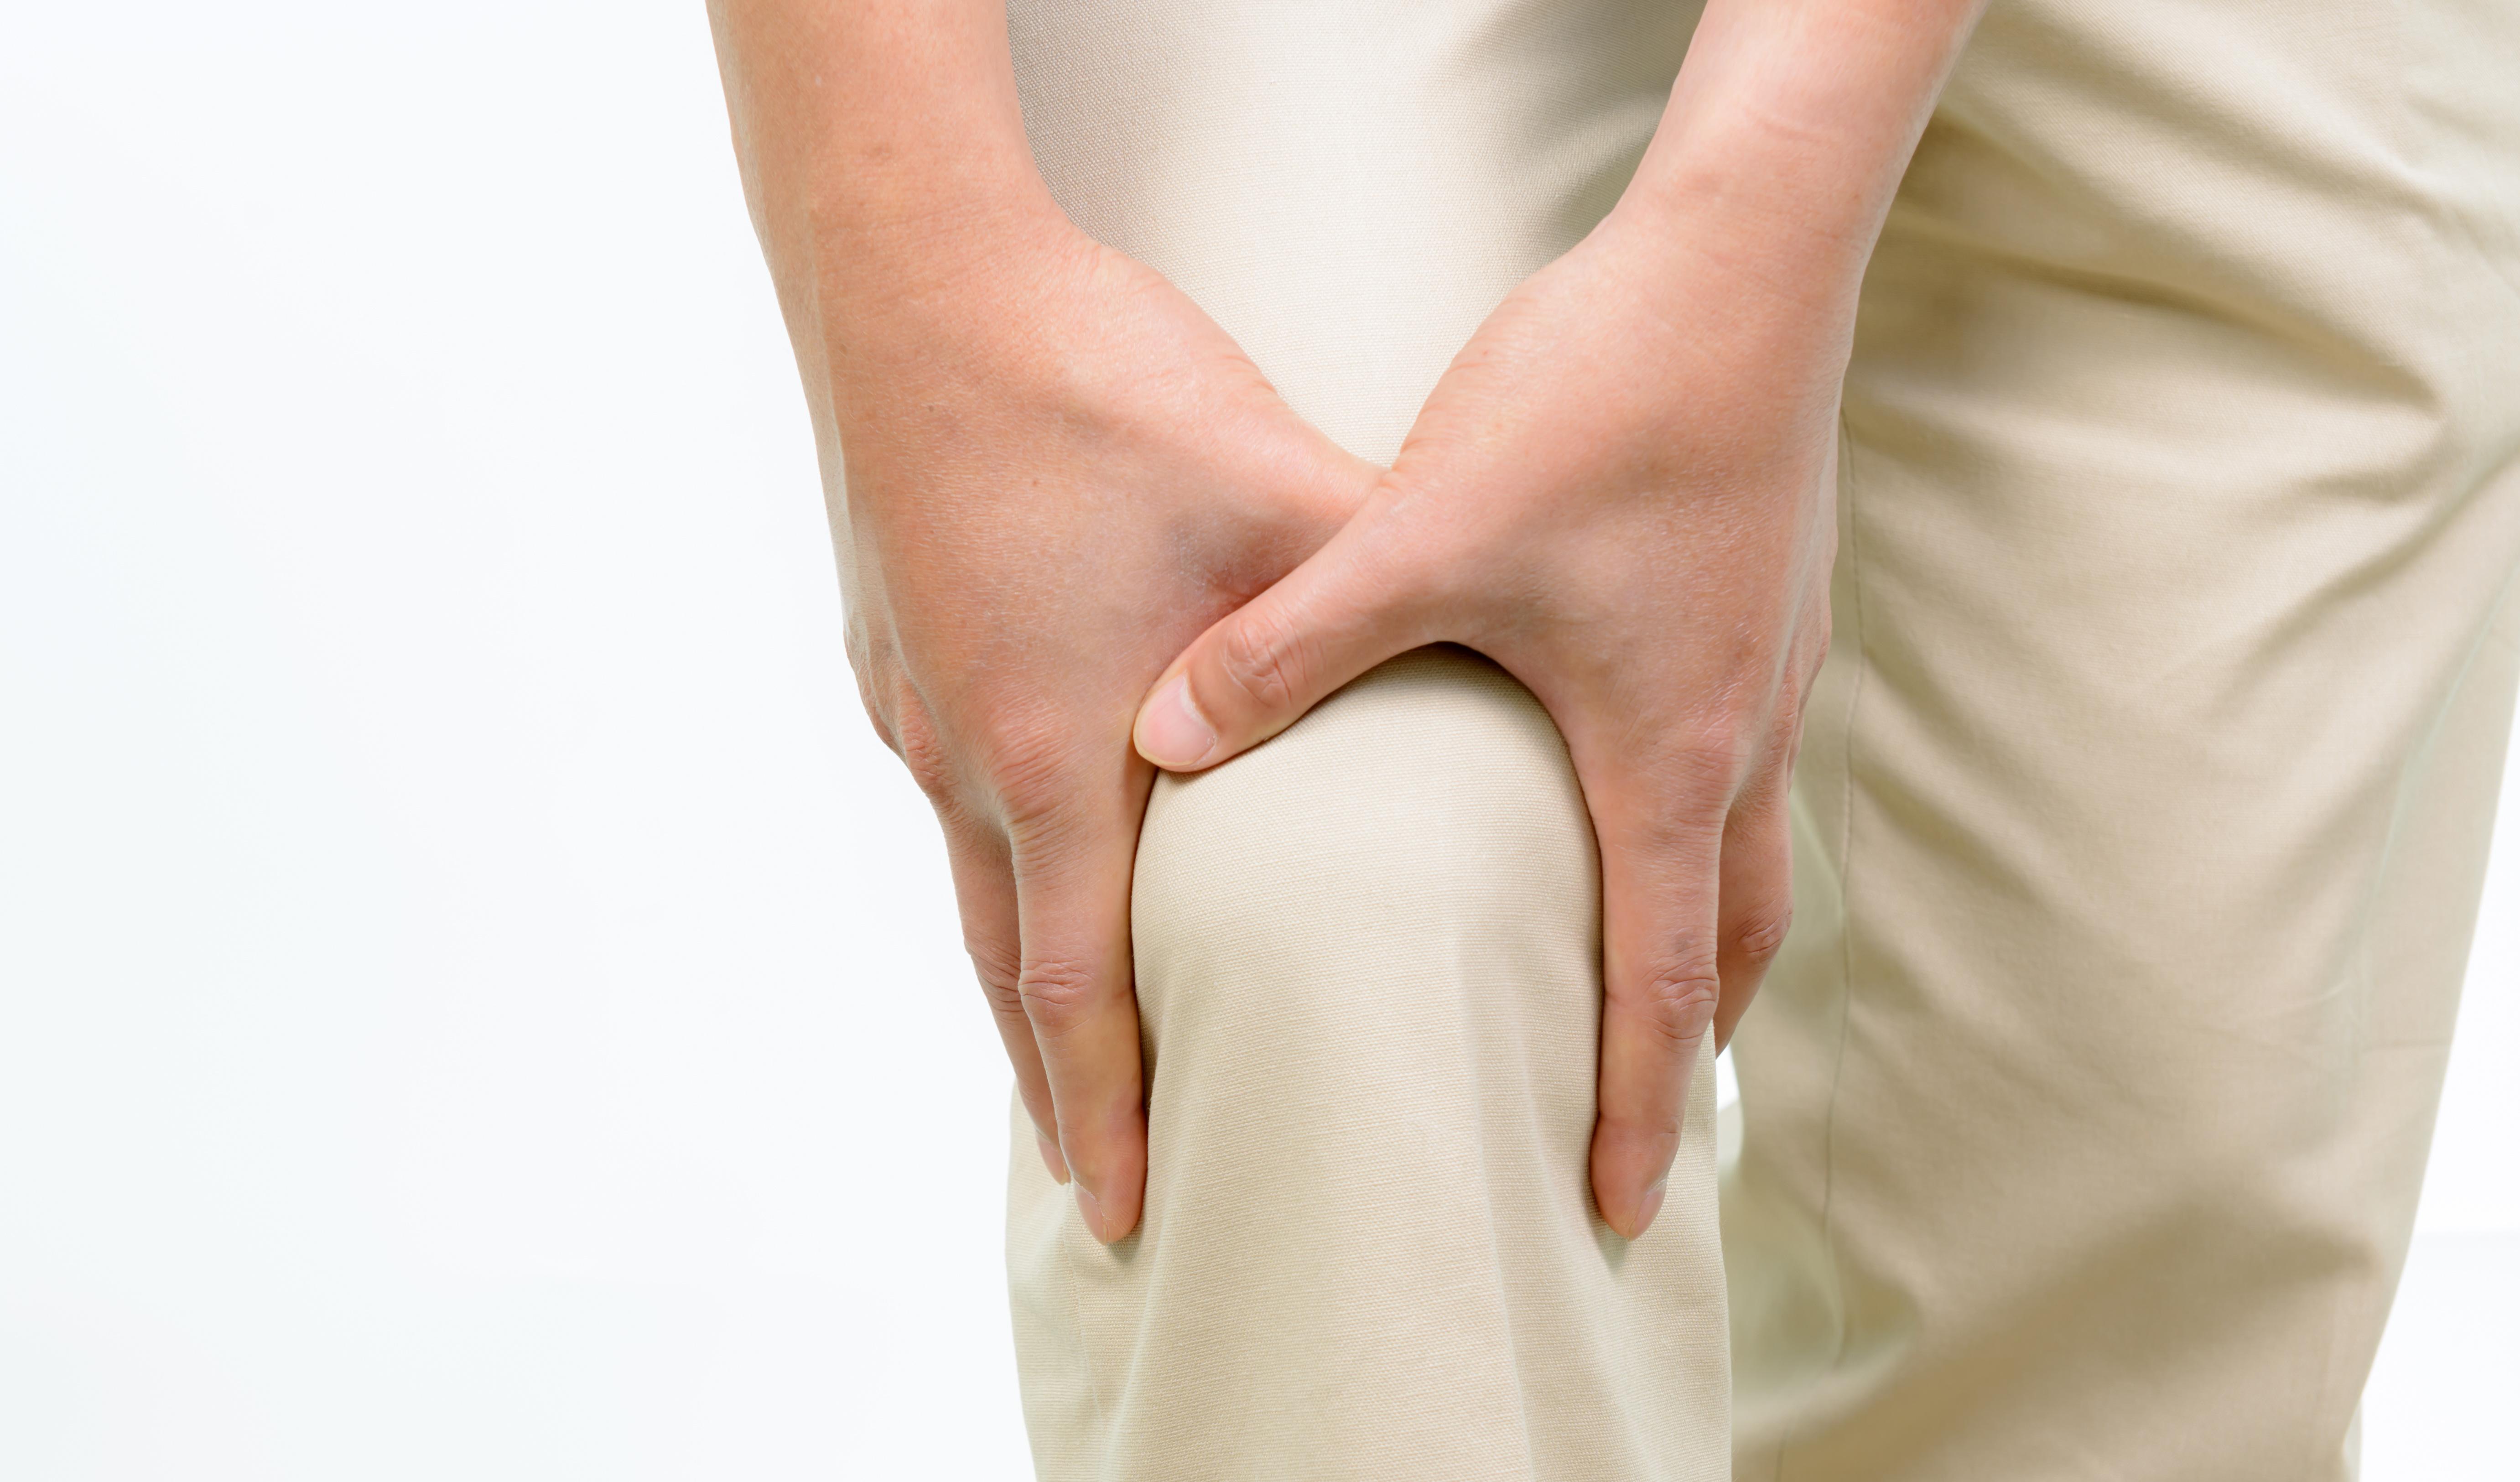 膝を抑える男性の写真